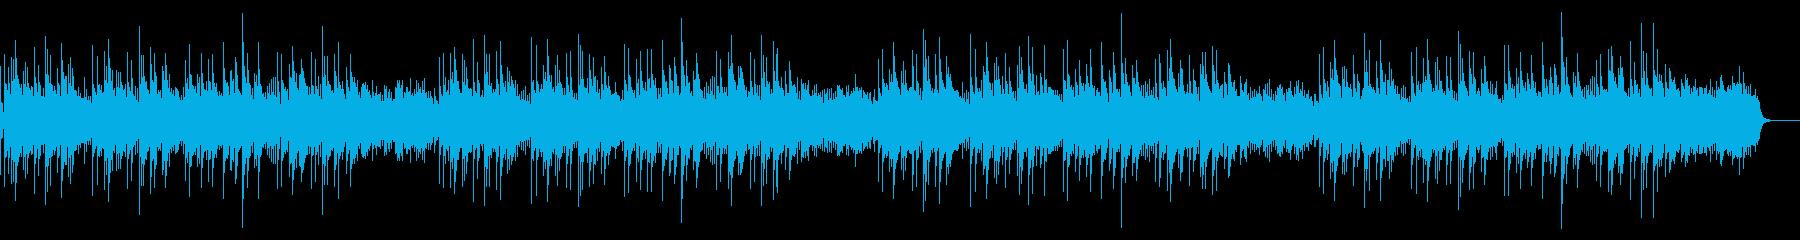 「浜辺の歌」オルゴール の再生済みの波形